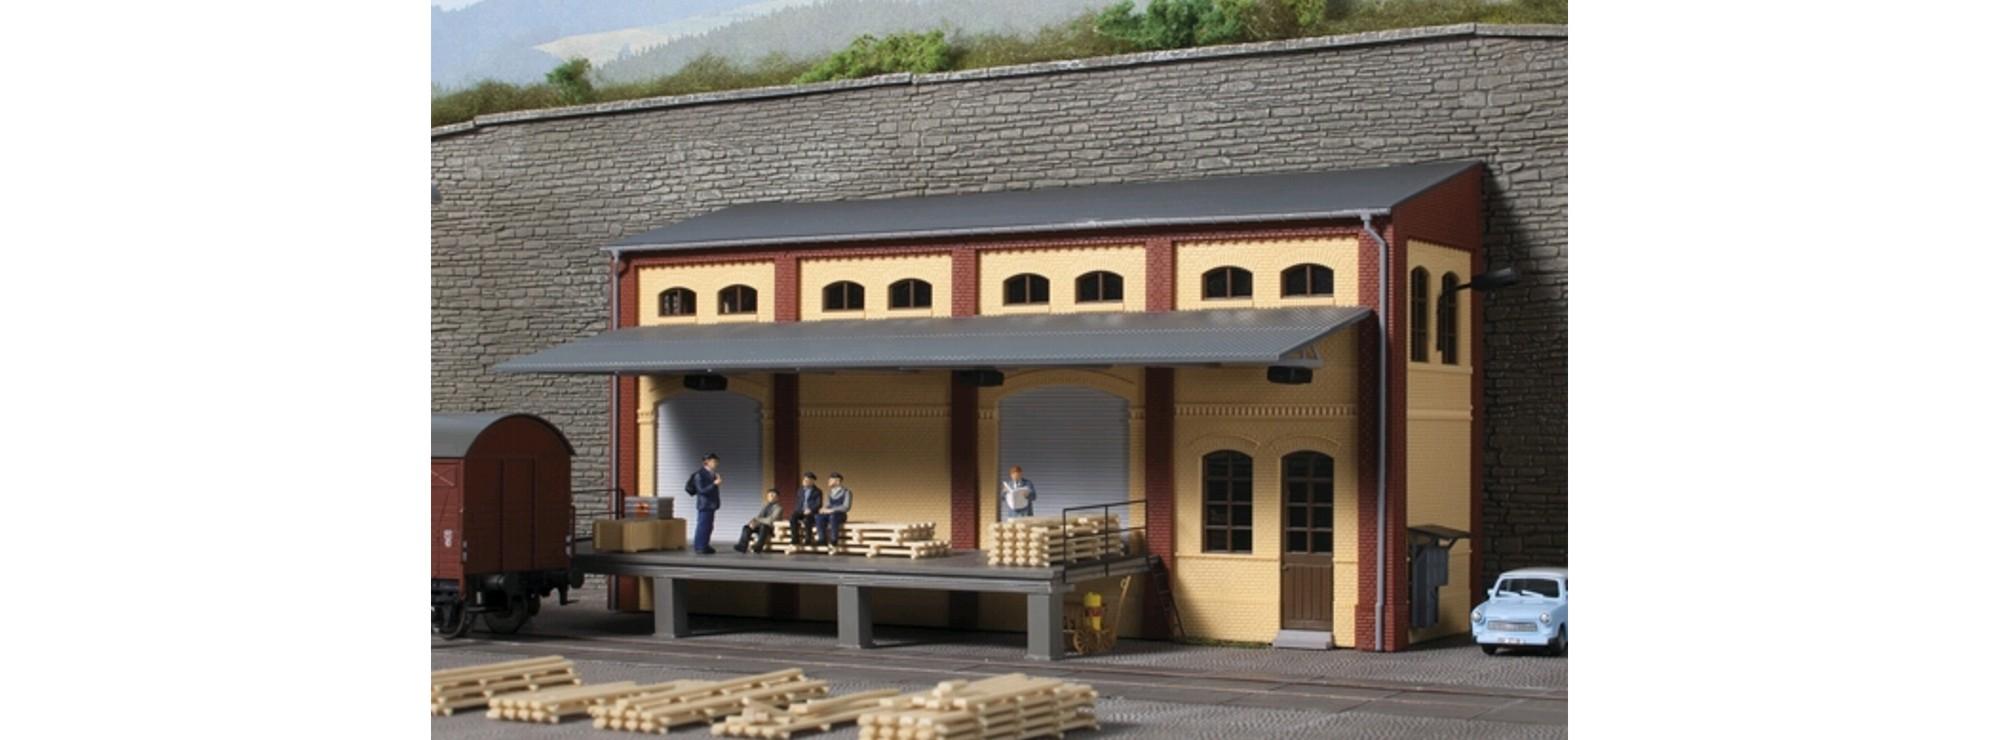 Auhagen 11436 Lagerhaus Halbrelief Bausatz Spur H0 Online